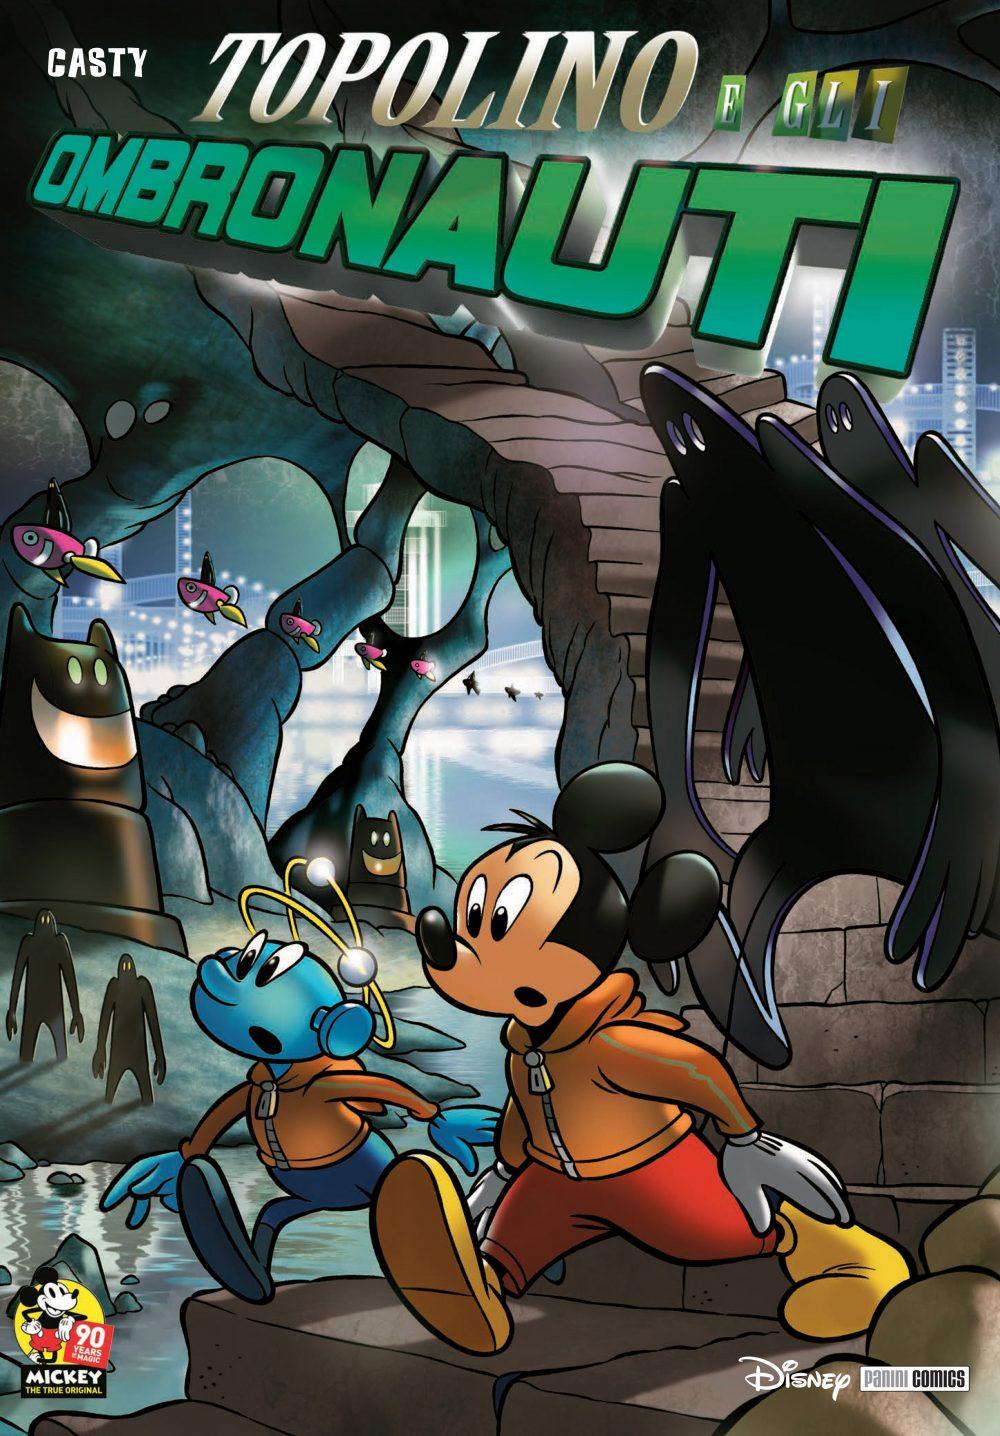 Topolino e gli Ombronauti, copertina di Casty